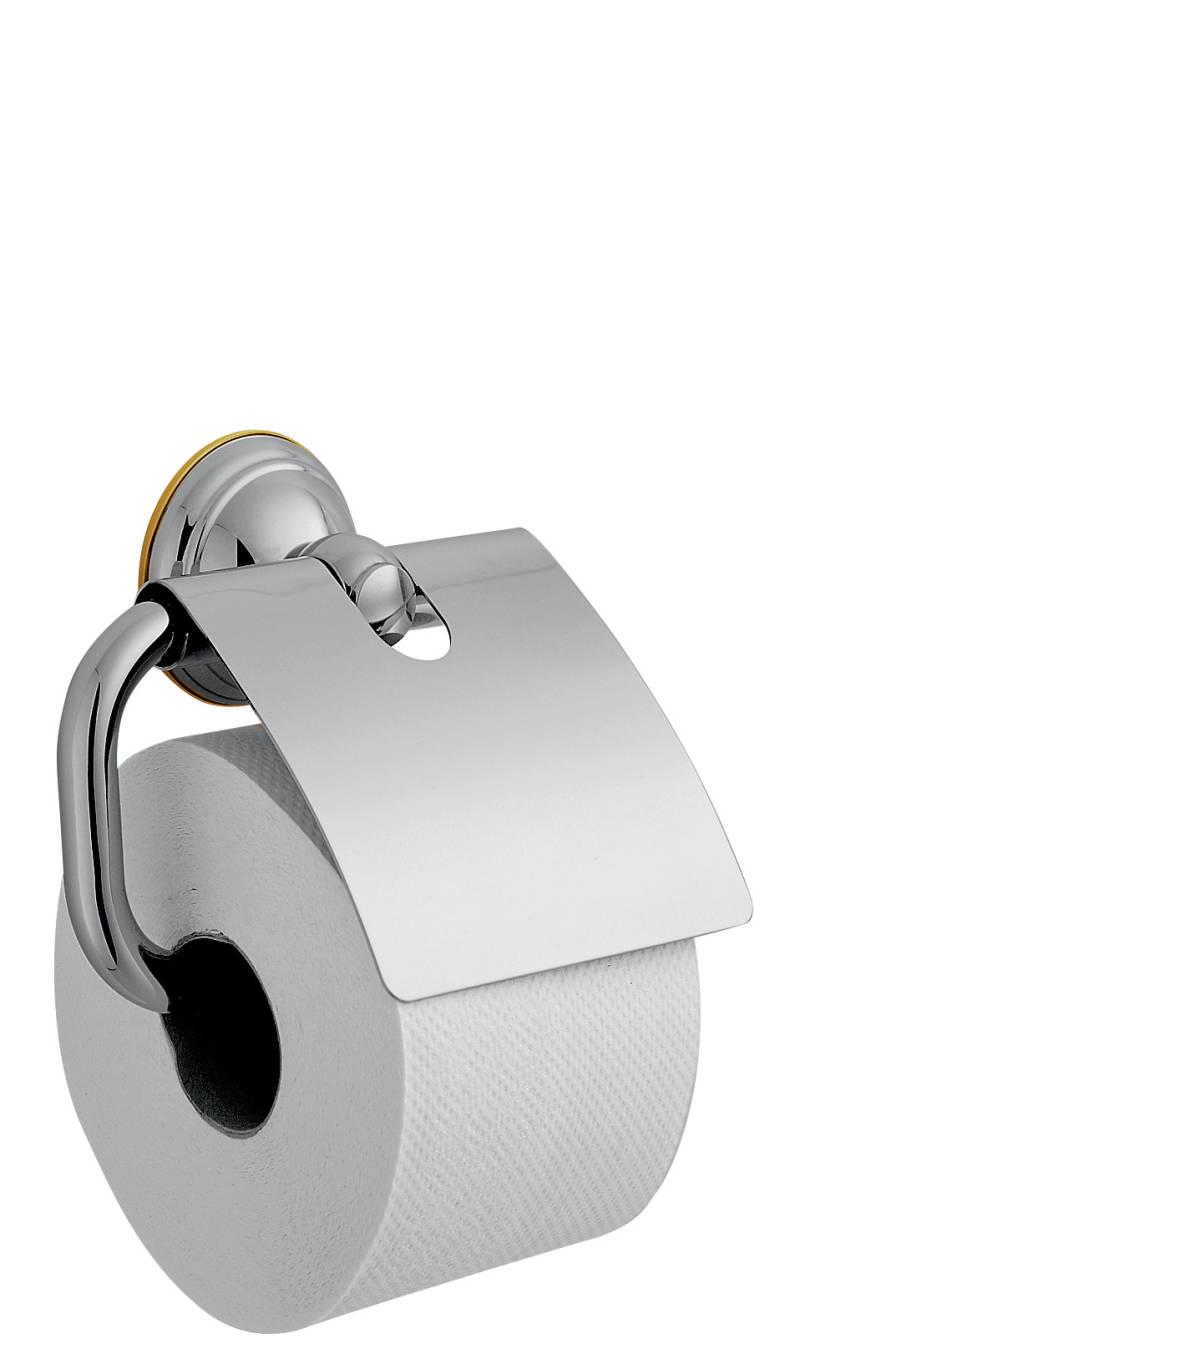 Roll holder, Chrome/Gold Optic, 41438090